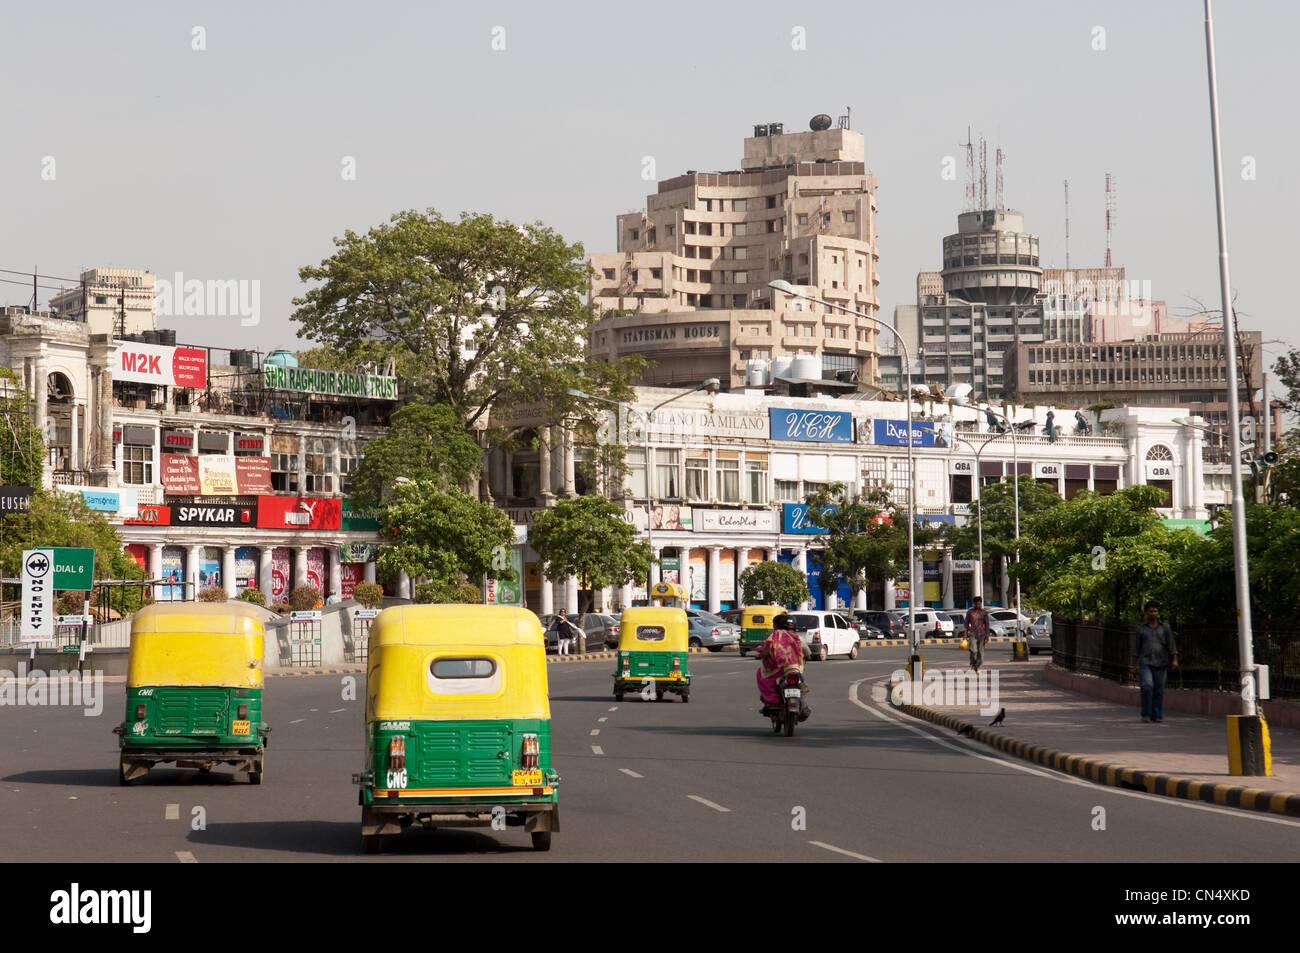 Busy street scene in Dehli, India - Stock Image